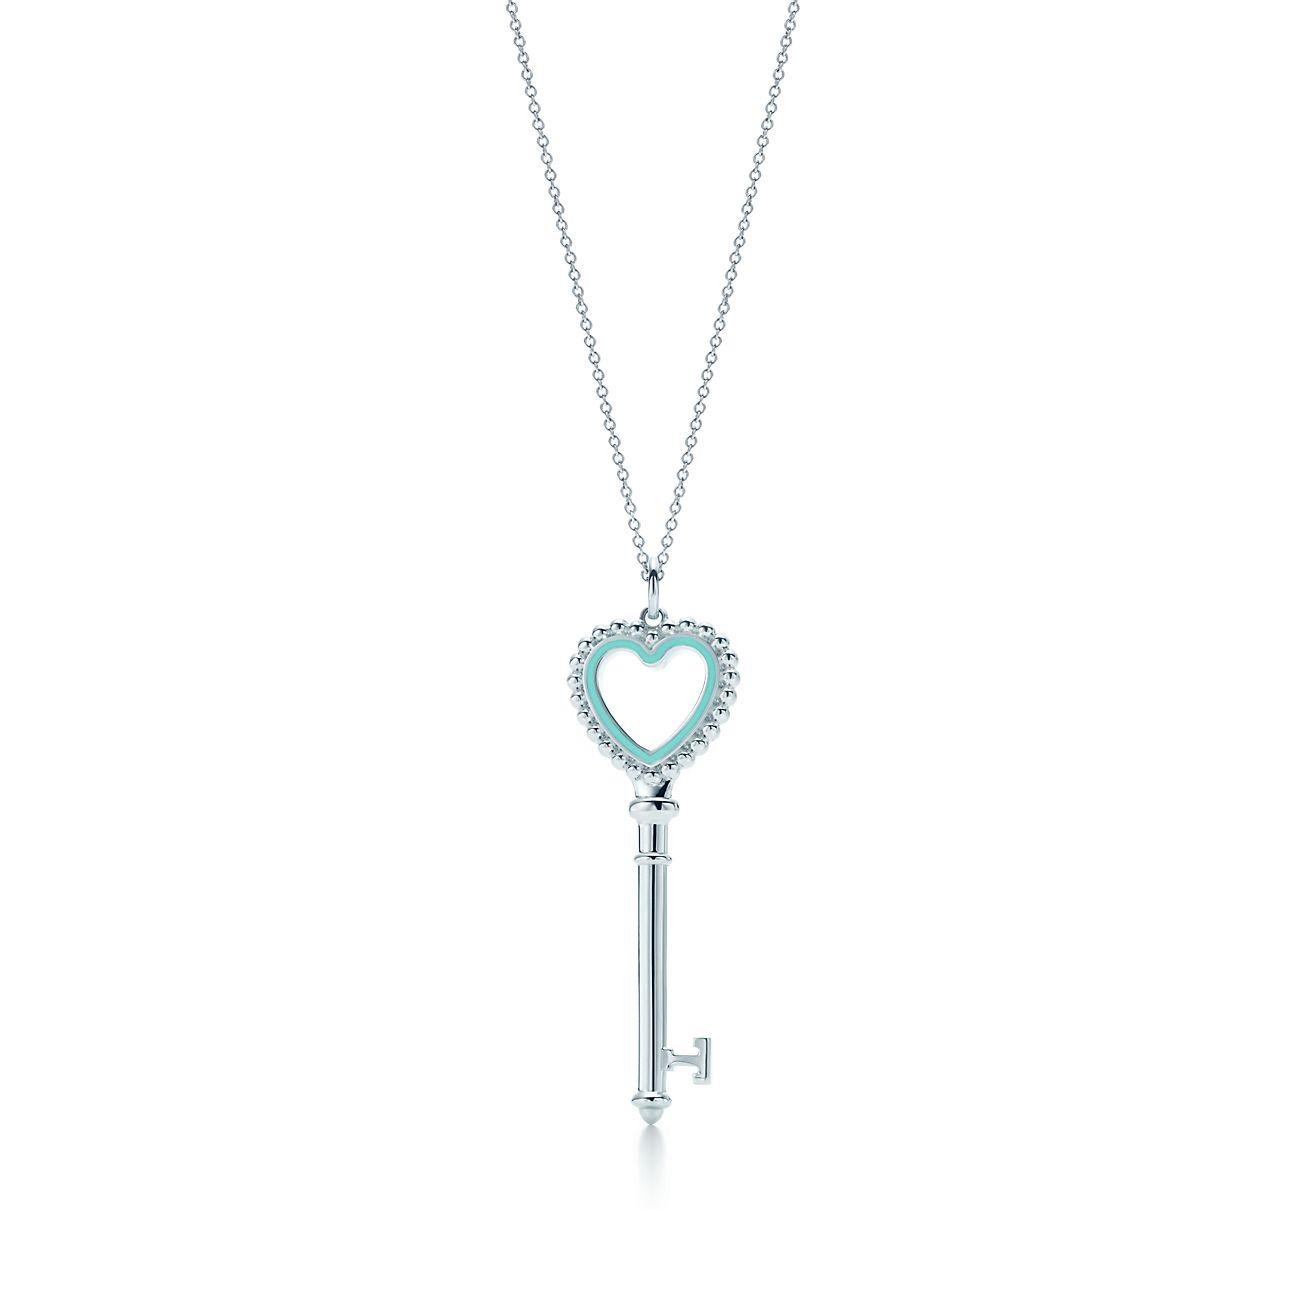 Tiffany keys beaded heart key pendant in silver with enamel finish tiffany keys beaded heart key pendant in silver with enamel finish on a chain tiffany co aloadofball Image collections